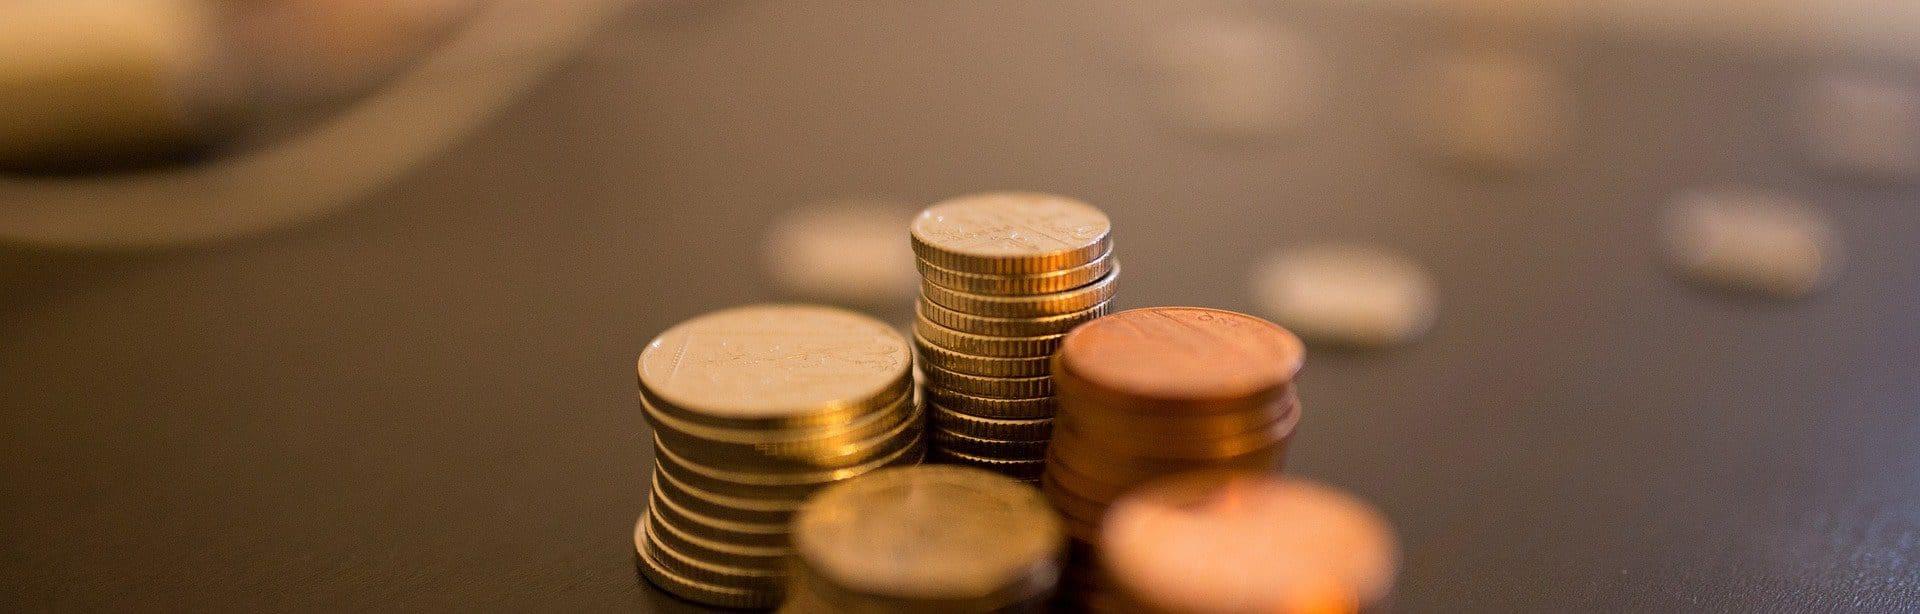 onbetaalde facturen innen